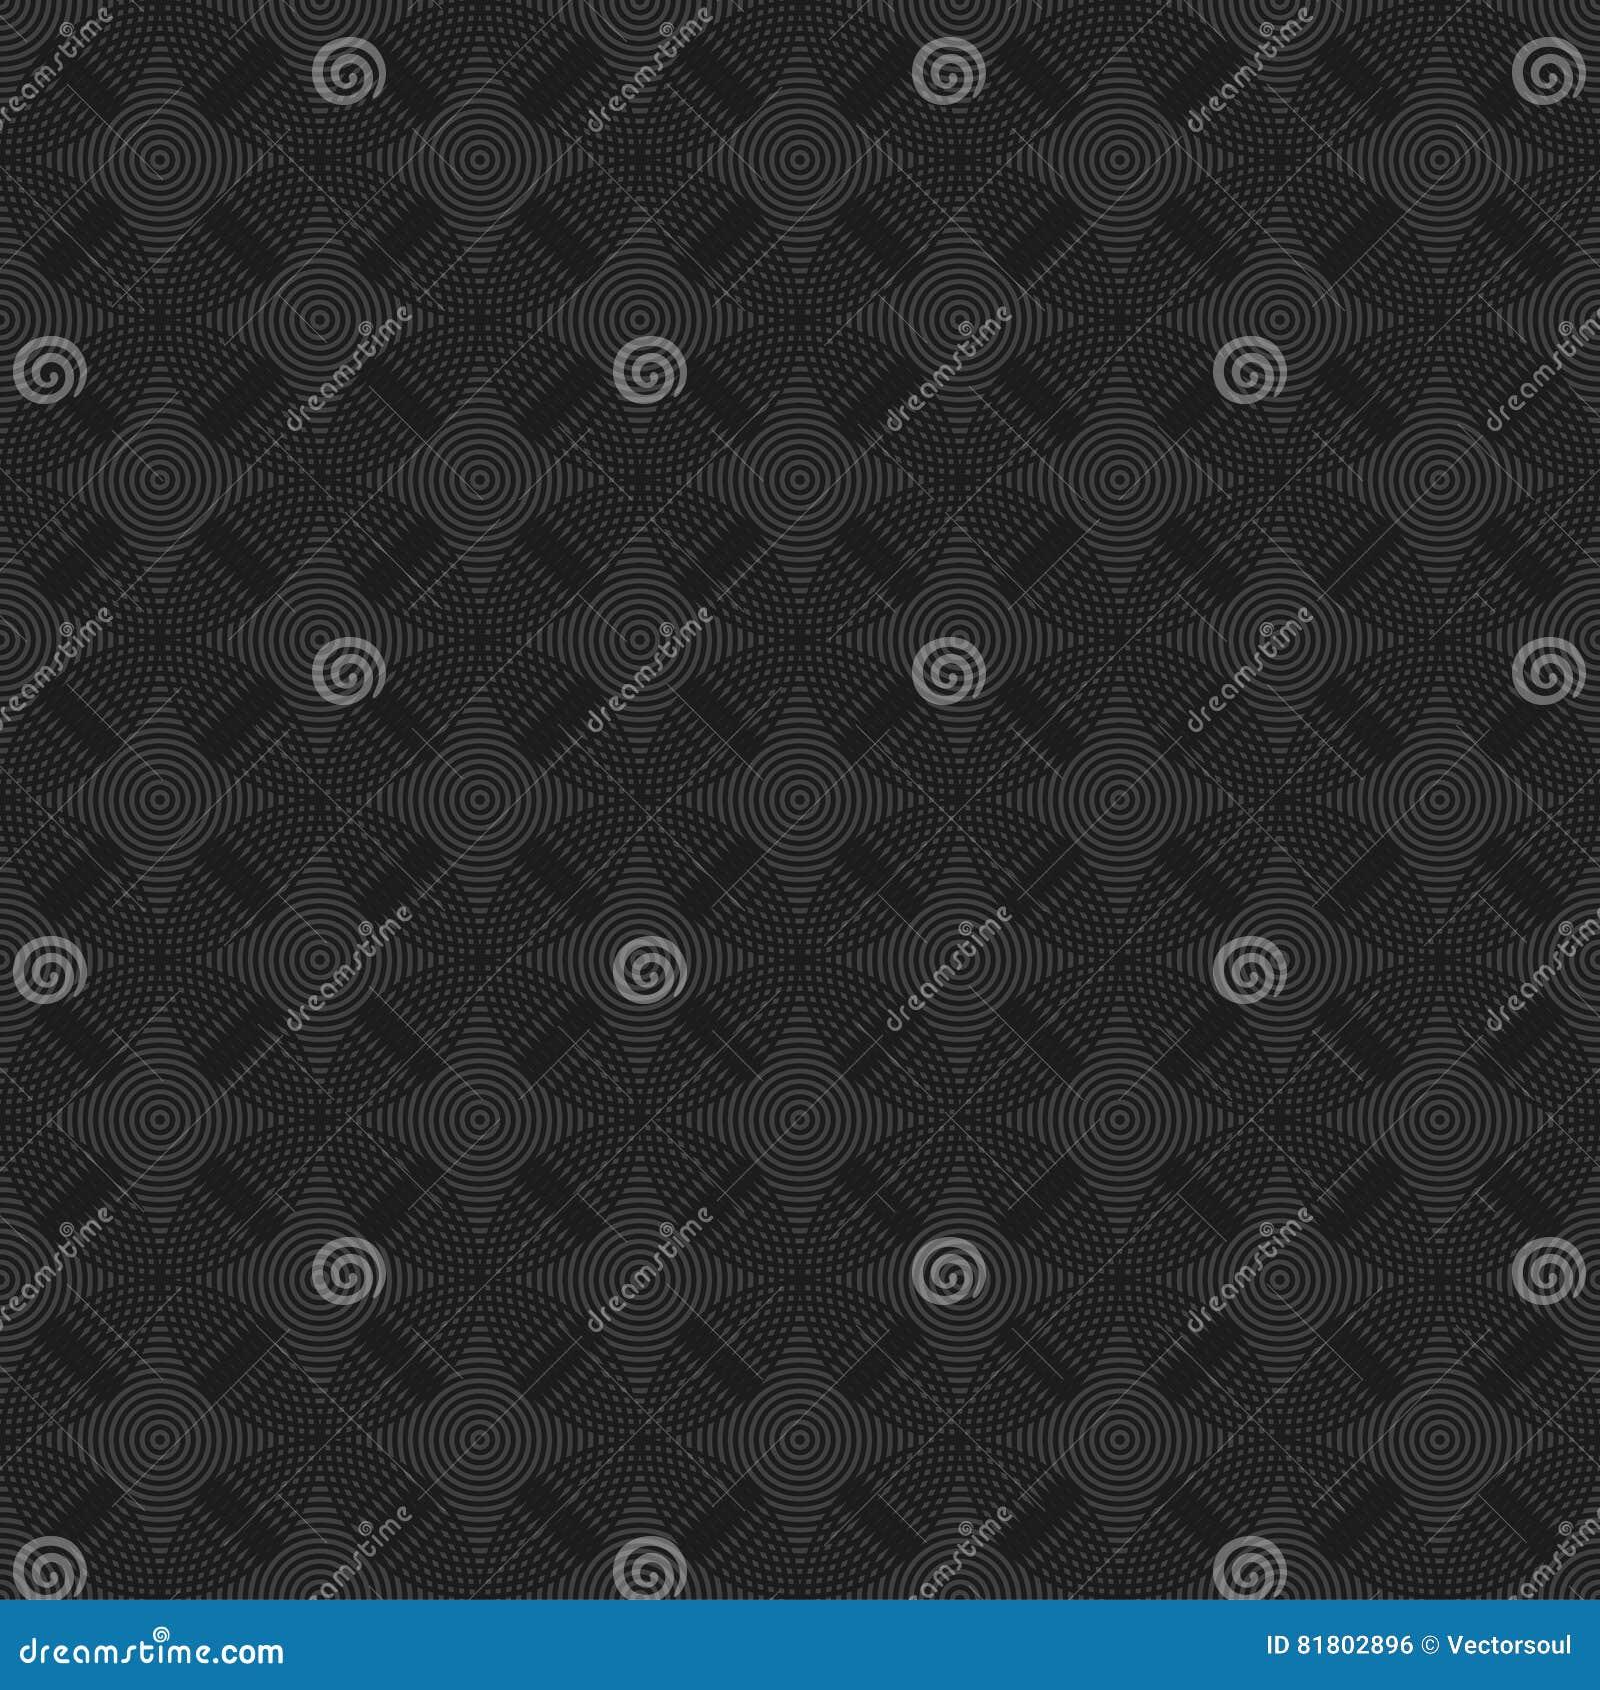 Безшовные круги, кольца черные/белая геометрическая картина